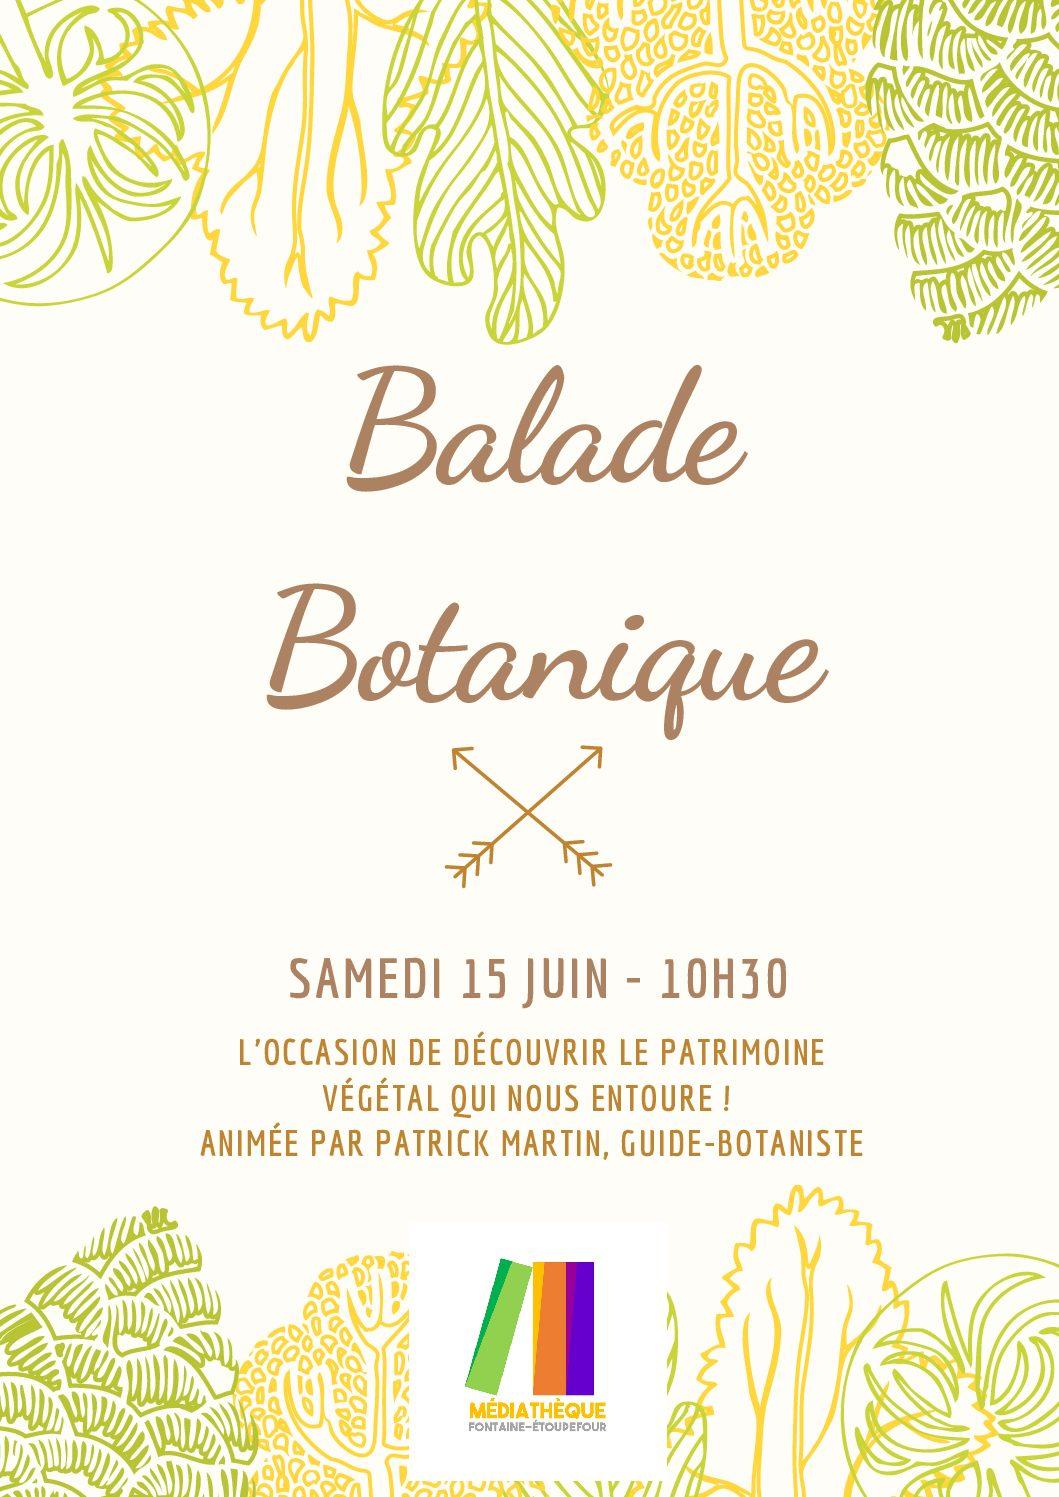 Ballade botanique